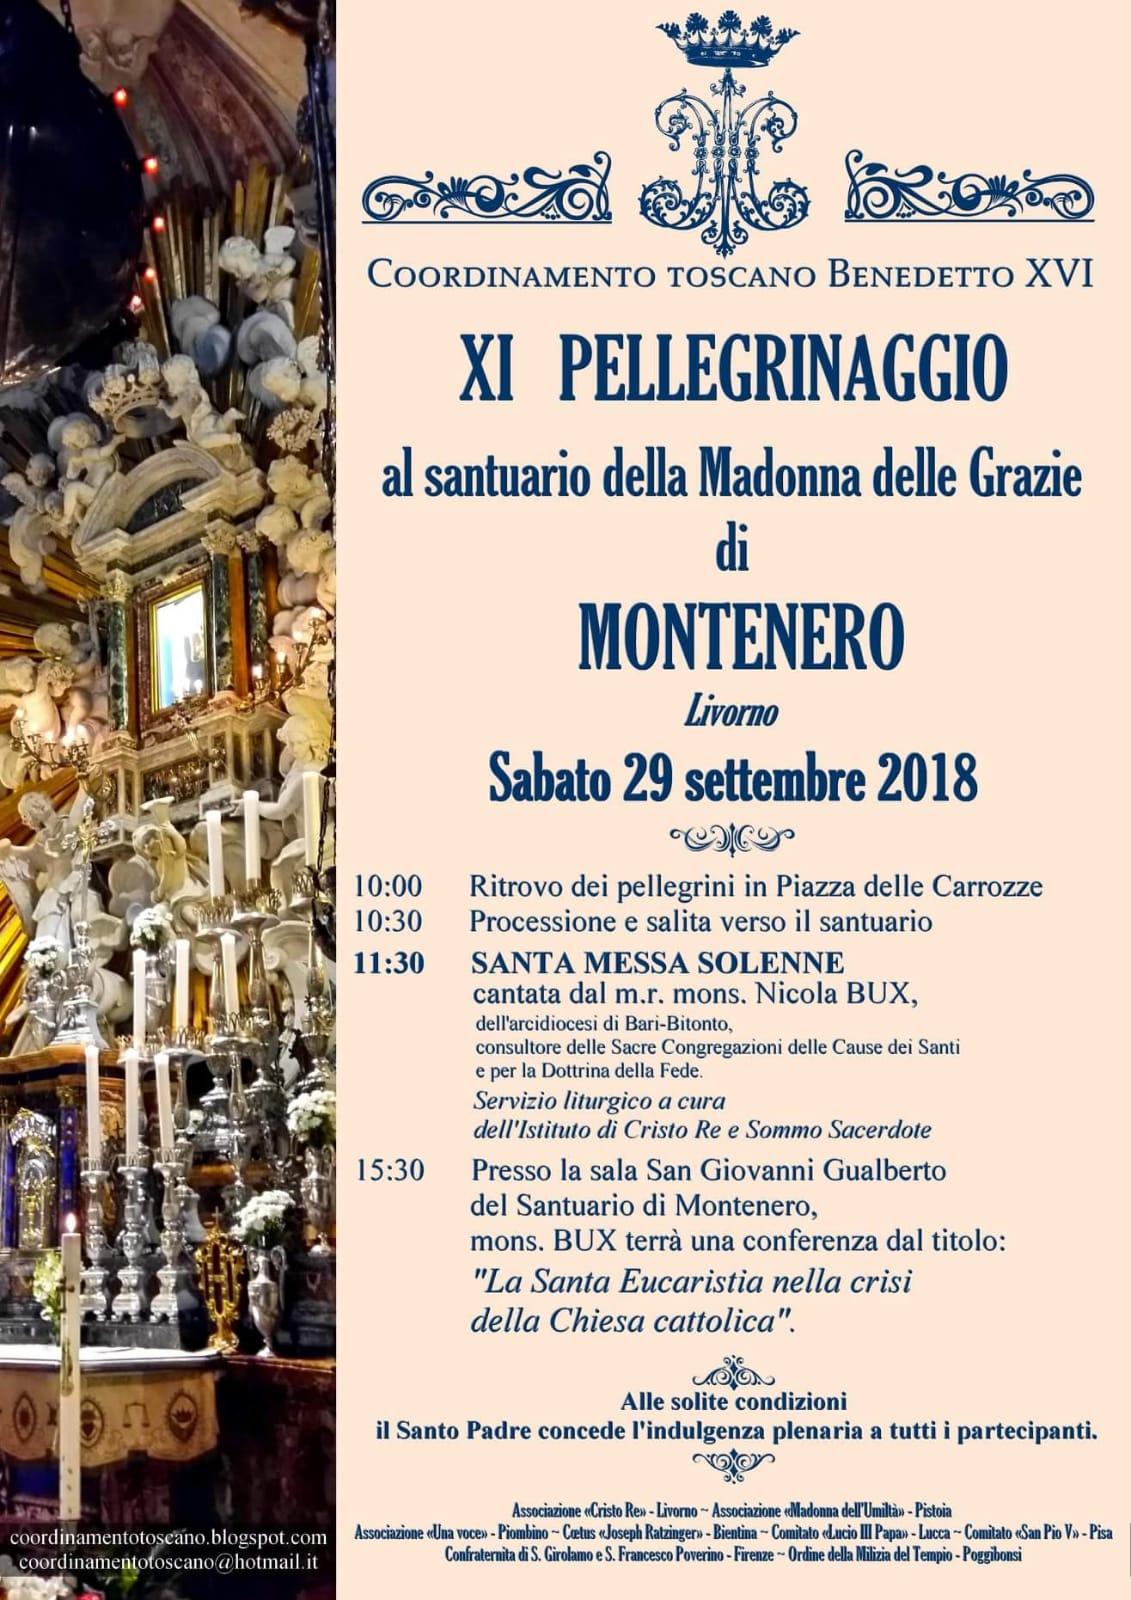 XI Pellegrinaggio della Tradizione al Santuario di Montenero